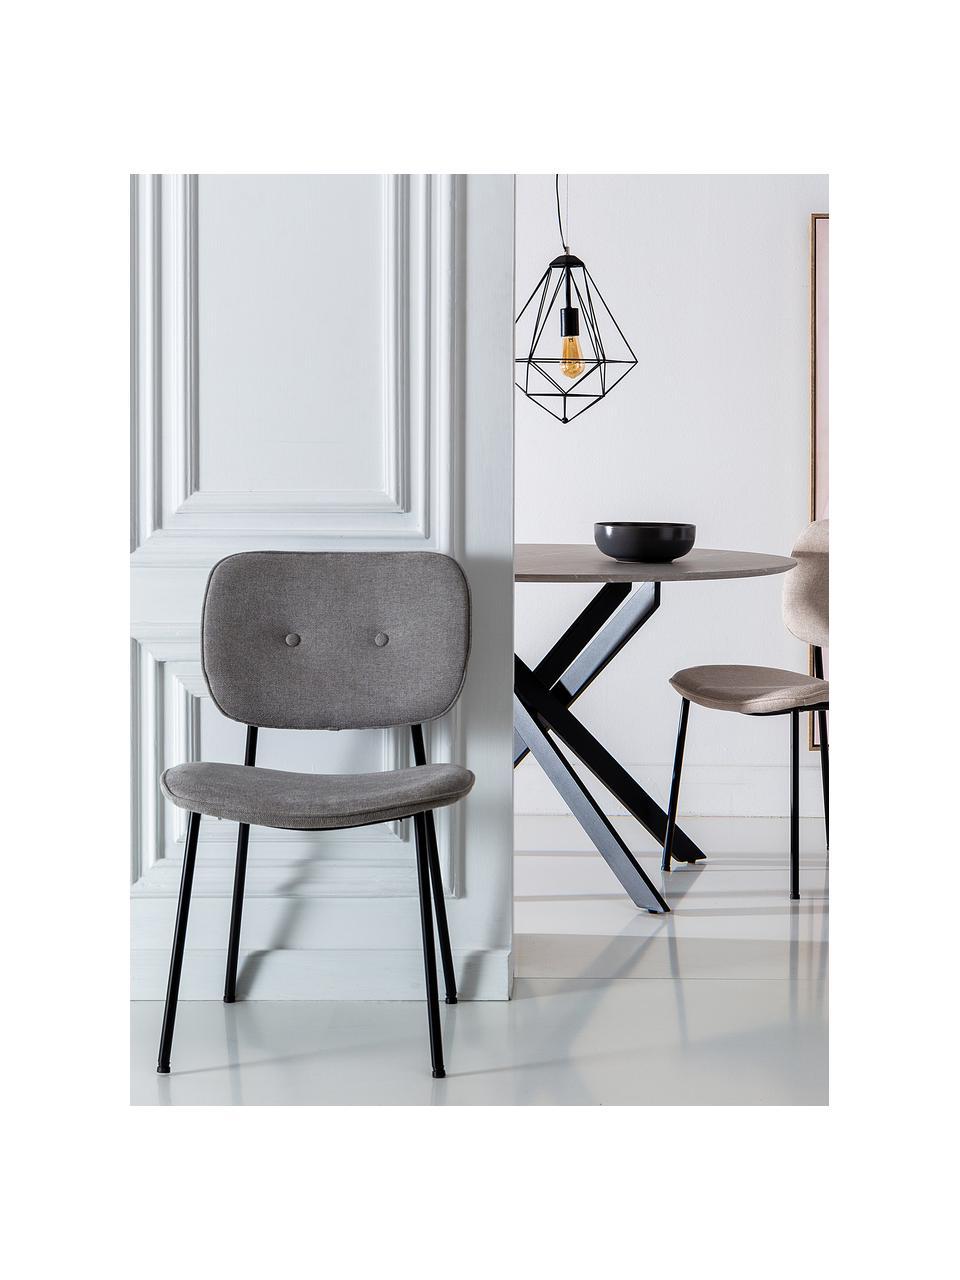 Krzesło tapicerowane Oprah, Tapicerka: 100% poliester, Nogi: metal powlekany, Jasny szary, czarny, S 56 x G 52 cm